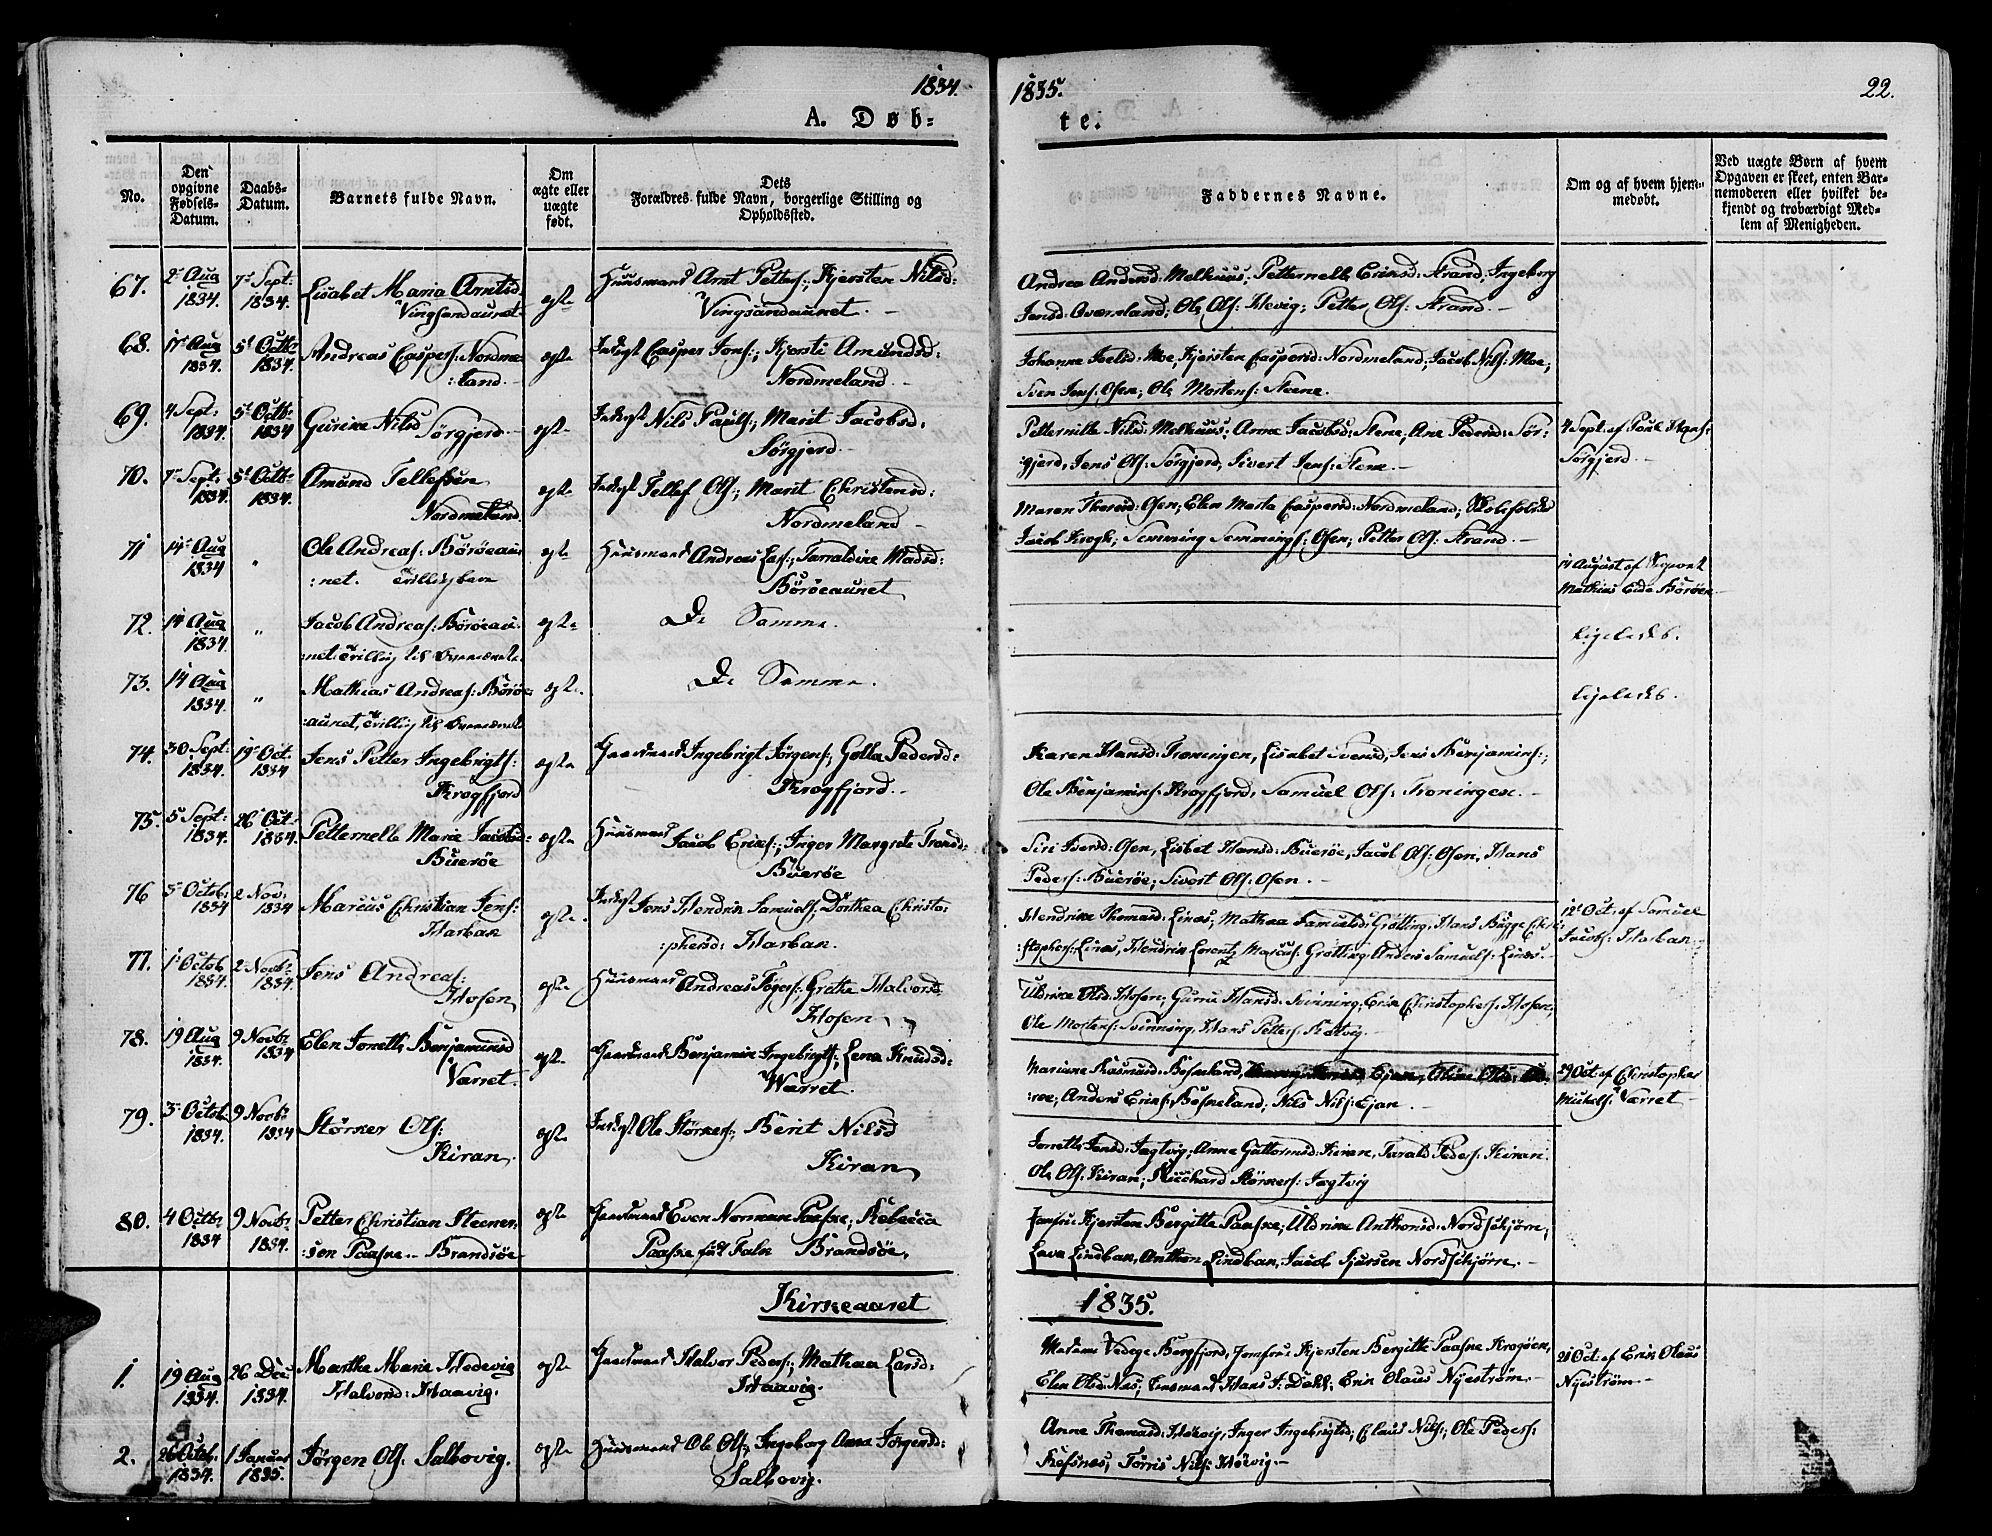 SAT, Ministerialprotokoller, klokkerbøker og fødselsregistre - Sør-Trøndelag, 657/L0703: Ministerialbok nr. 657A04, 1831-1846, s. 22